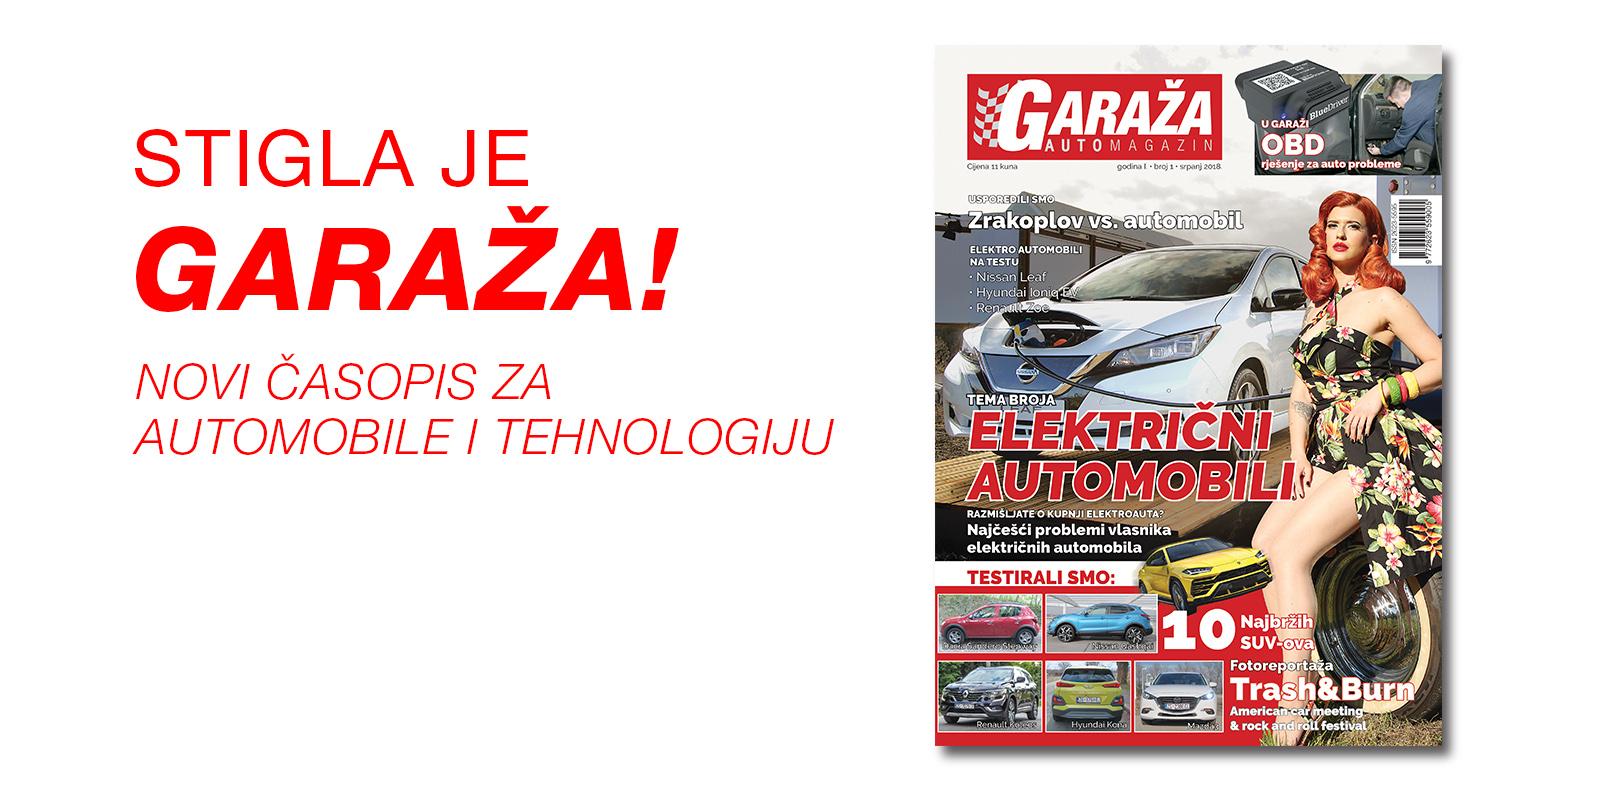 Stvarni problemi vozača električnih automobila u časopisu Garaža